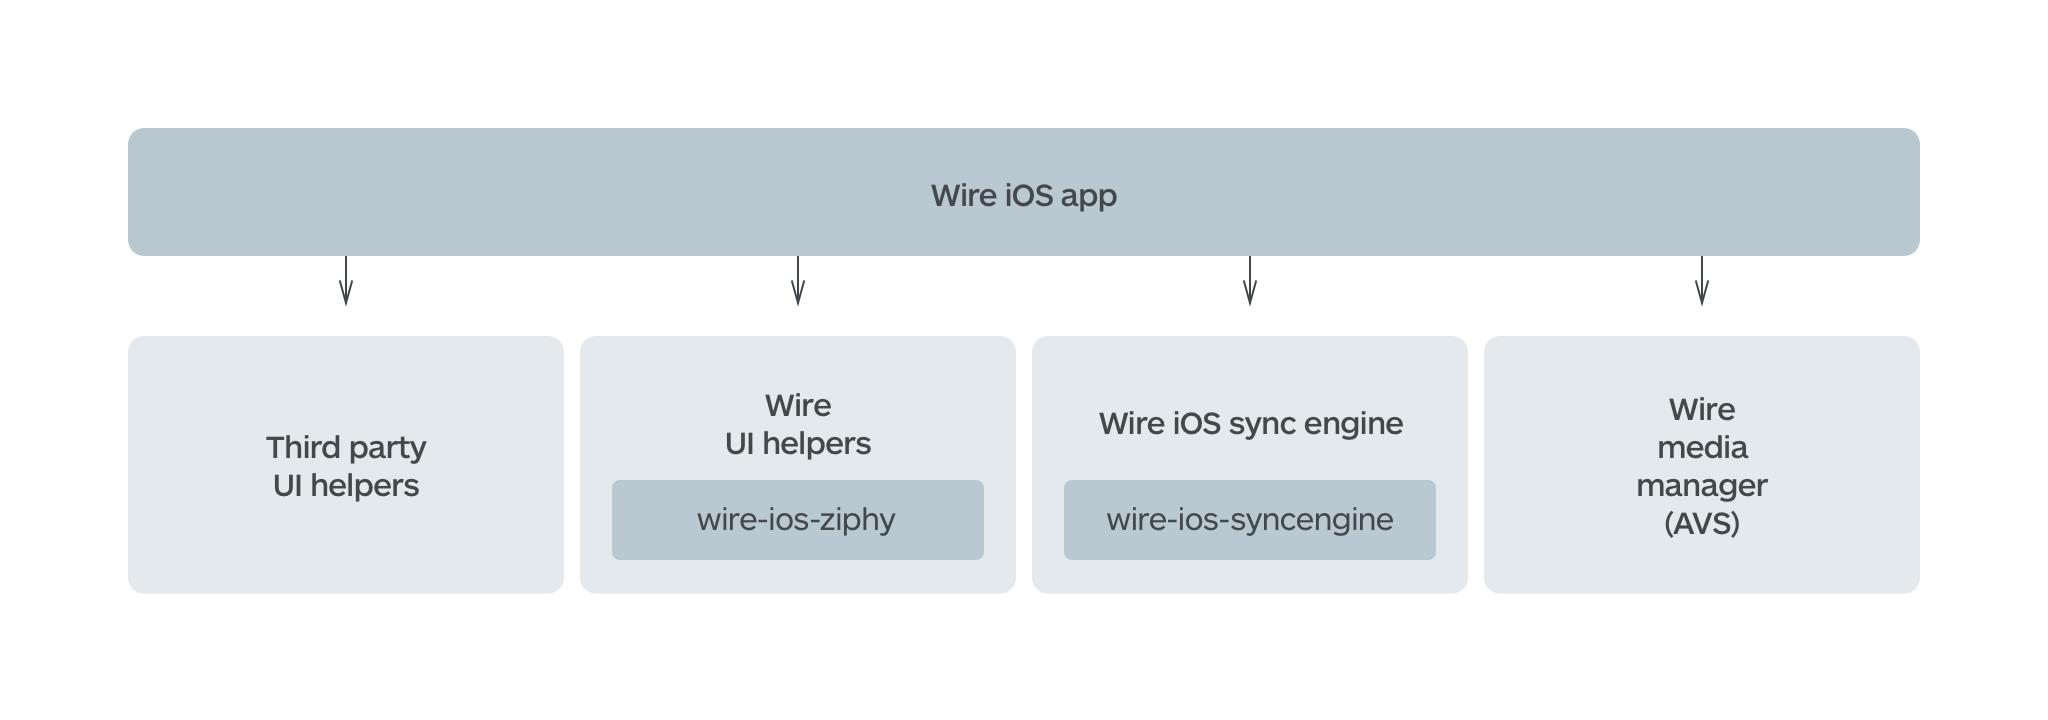 iOS app architecture